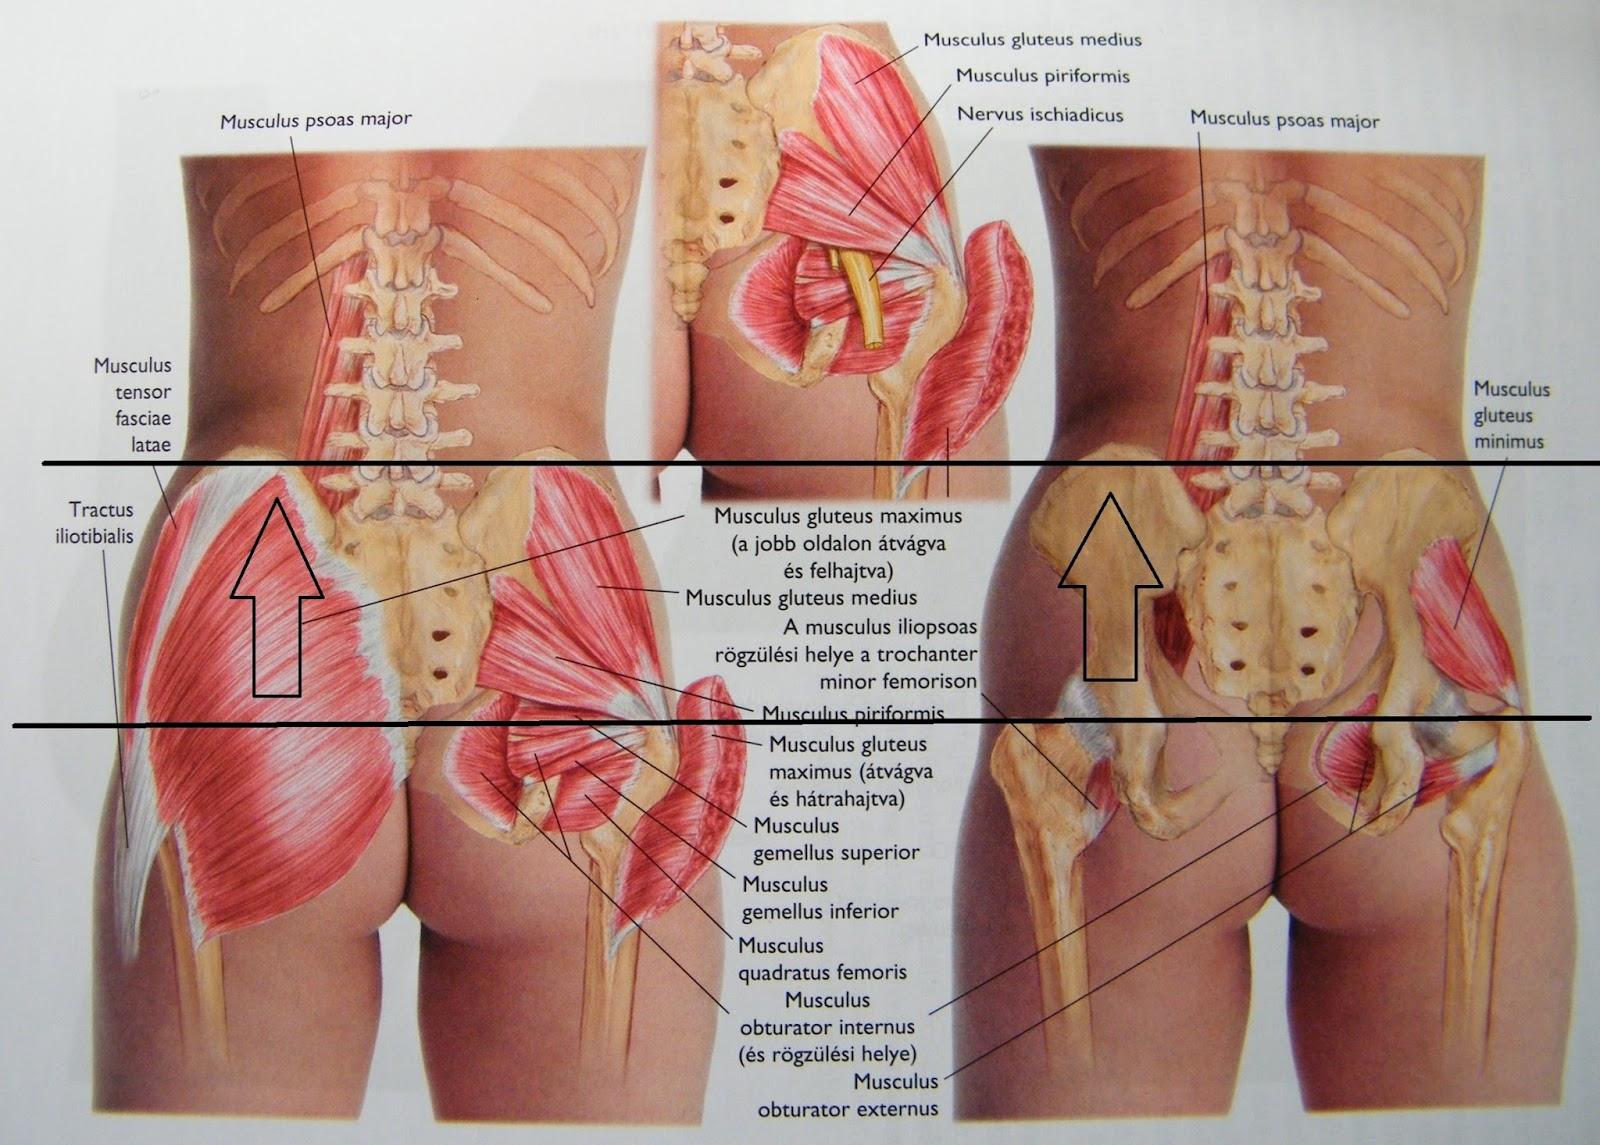 csípőizom-fájdalom kezelve hogyan kell bevenni a glükozamin-kondroitin komplexet